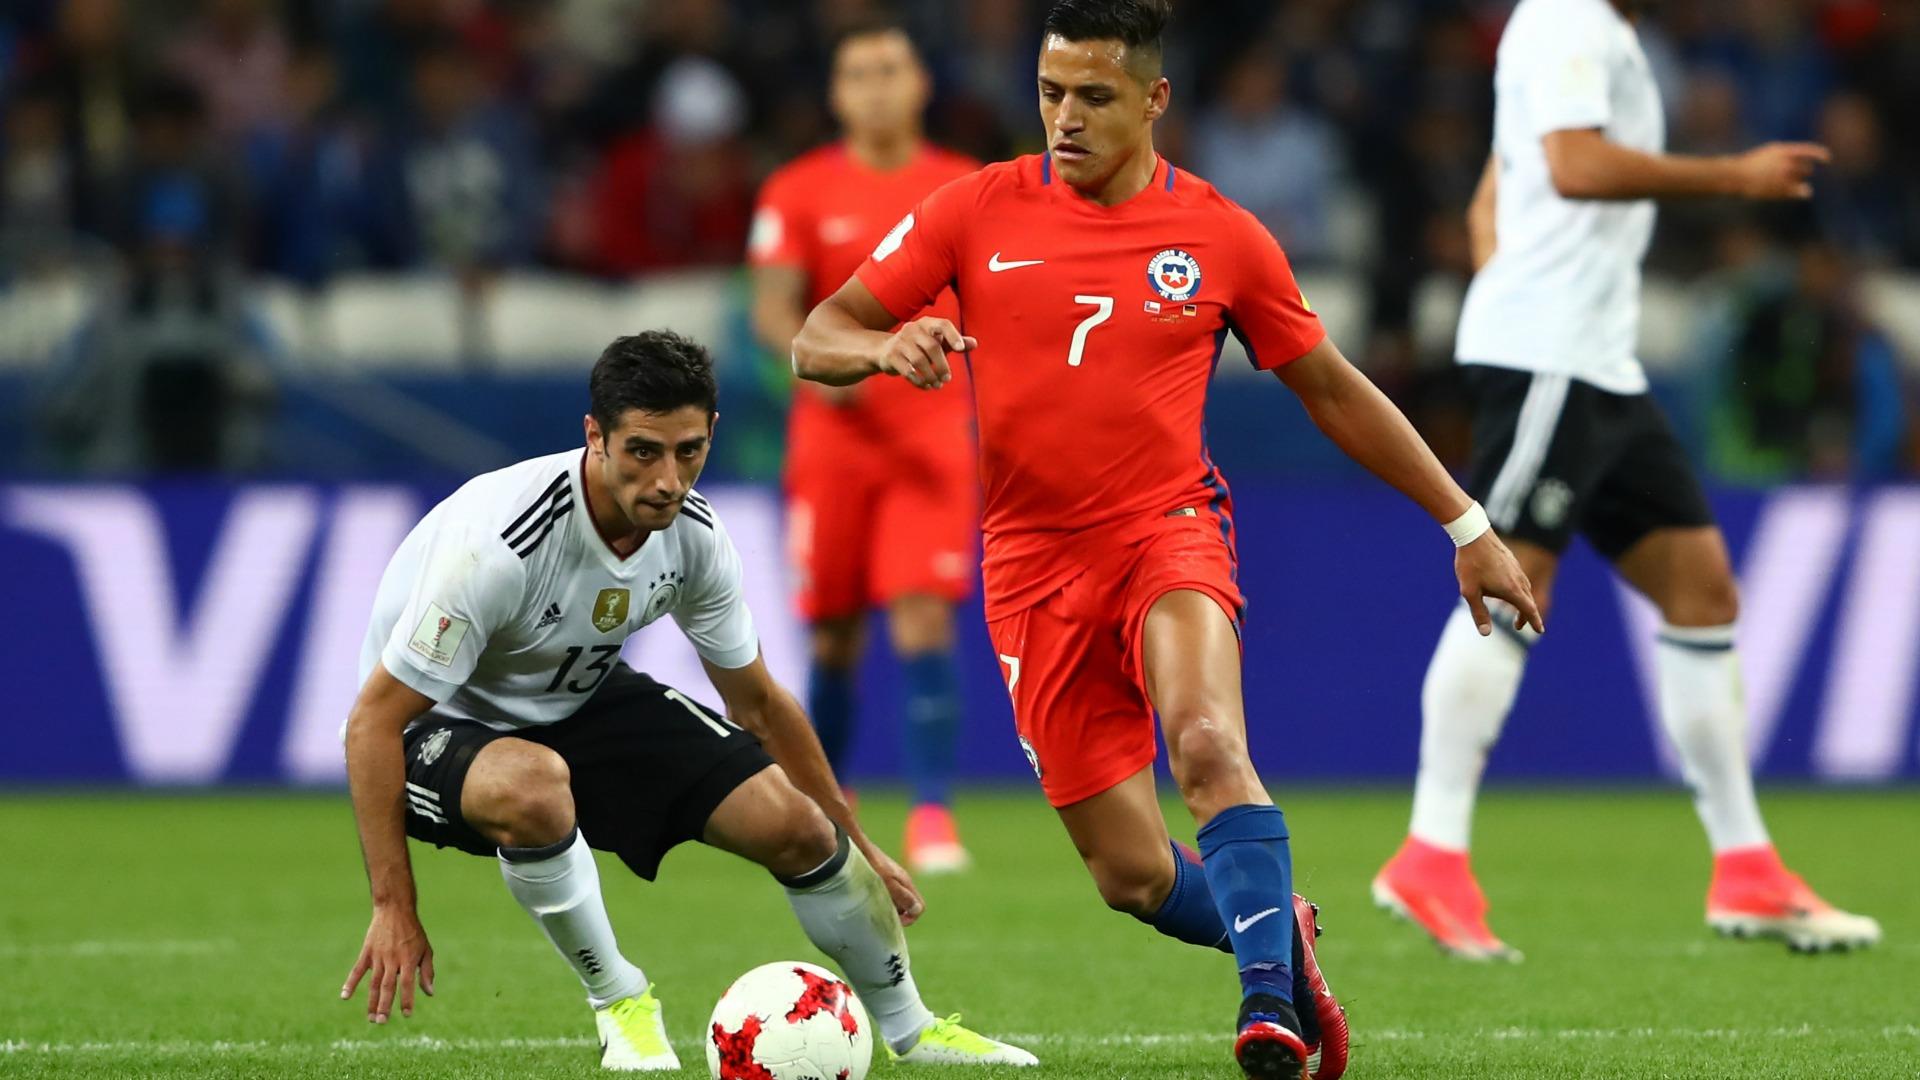 Cristiano contra Alexis, el duelo de la Copa Confederaciones que levanta expectativa